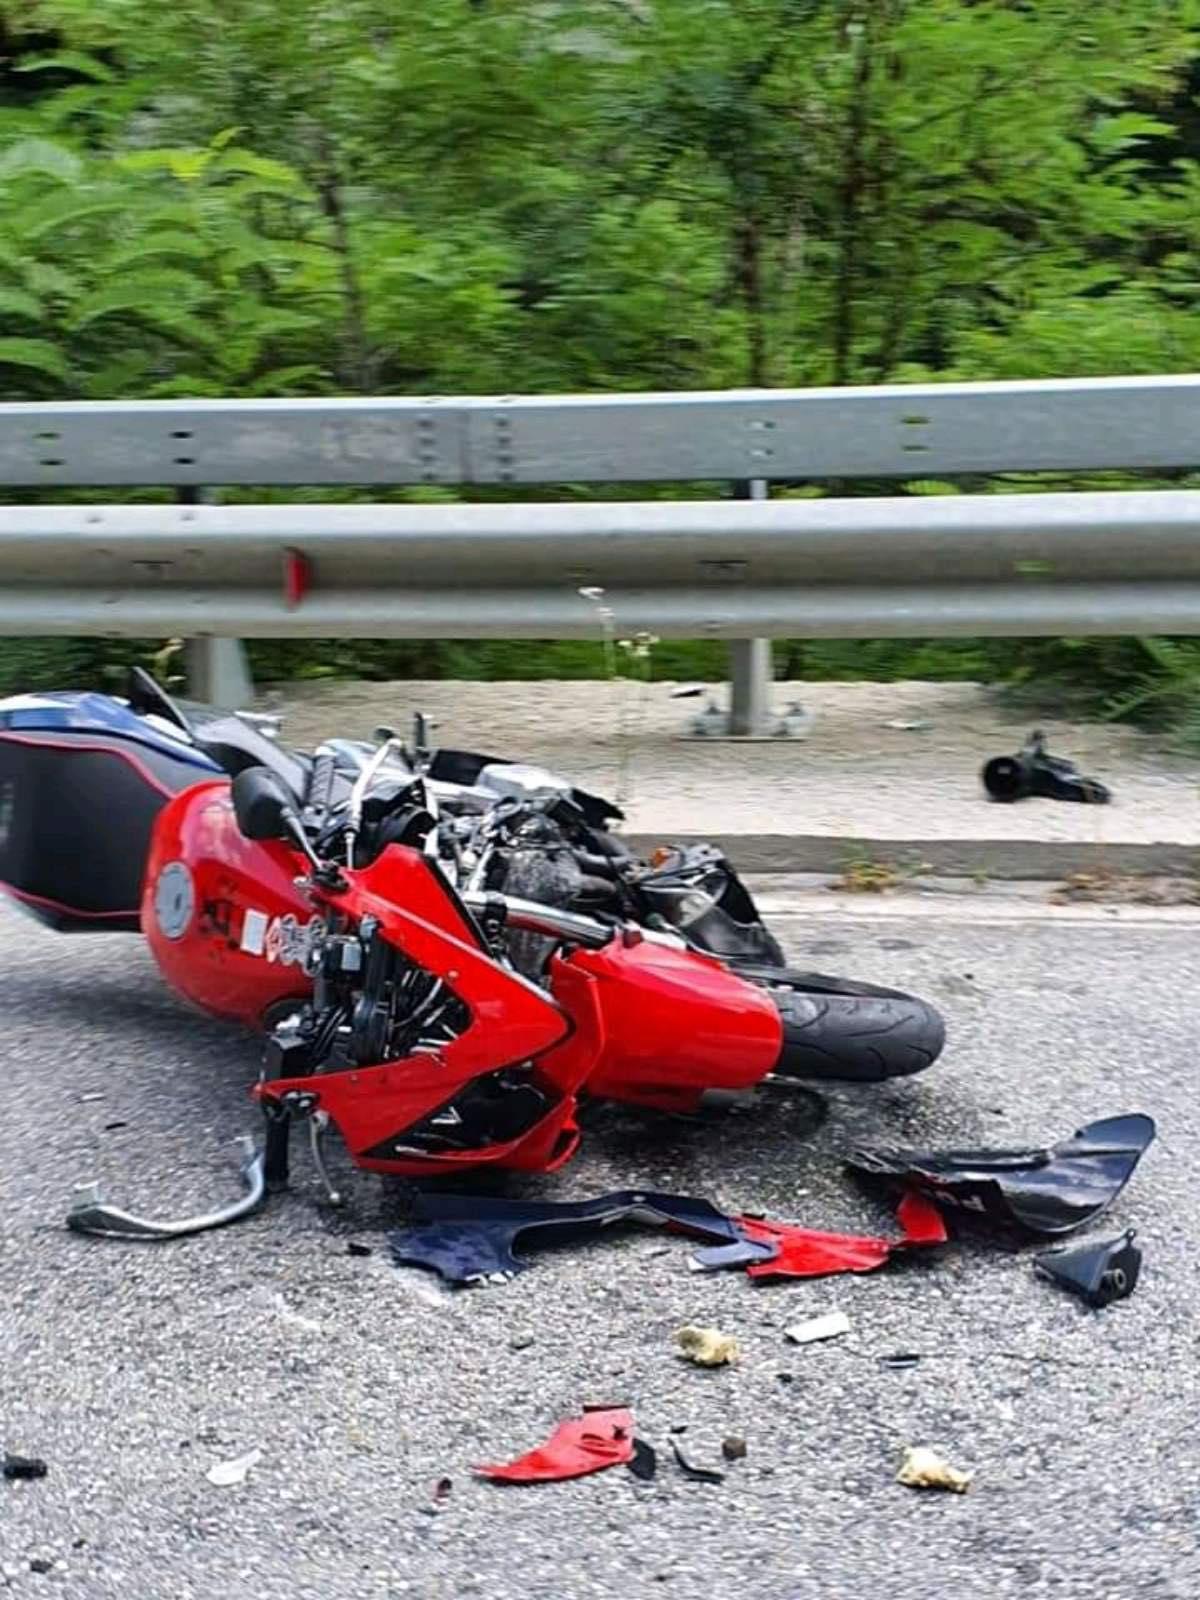 20-годишен мотоциклетист пострада тежко при сблъсък с крава, батко на мотор също катастрофира